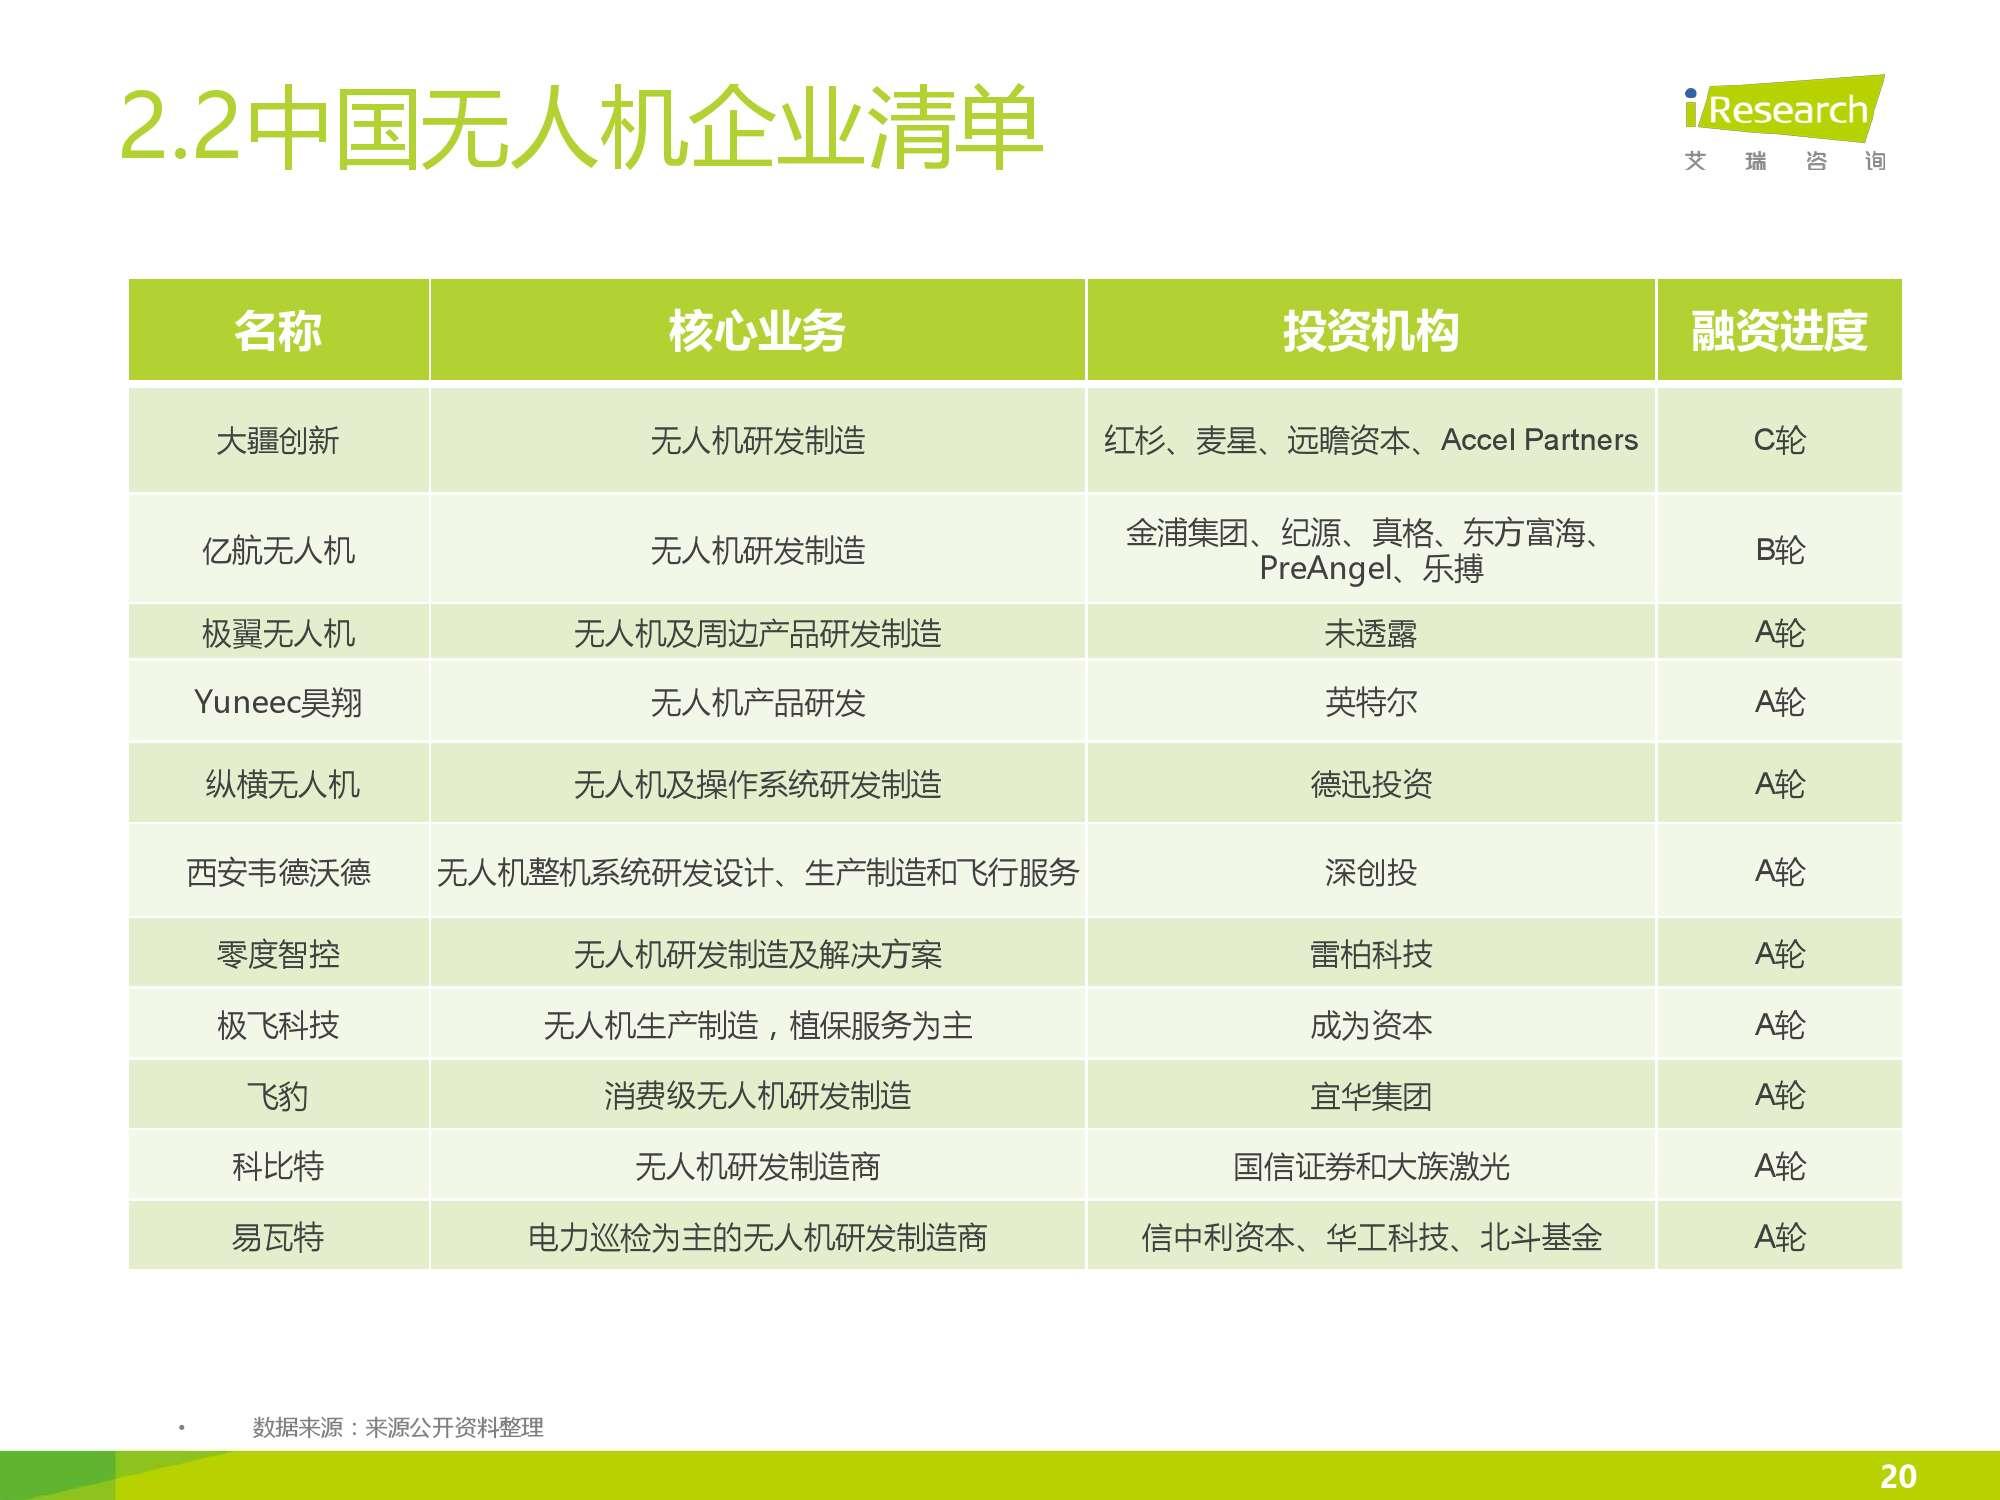 2016年中国无人机行业研究报告简版_000020